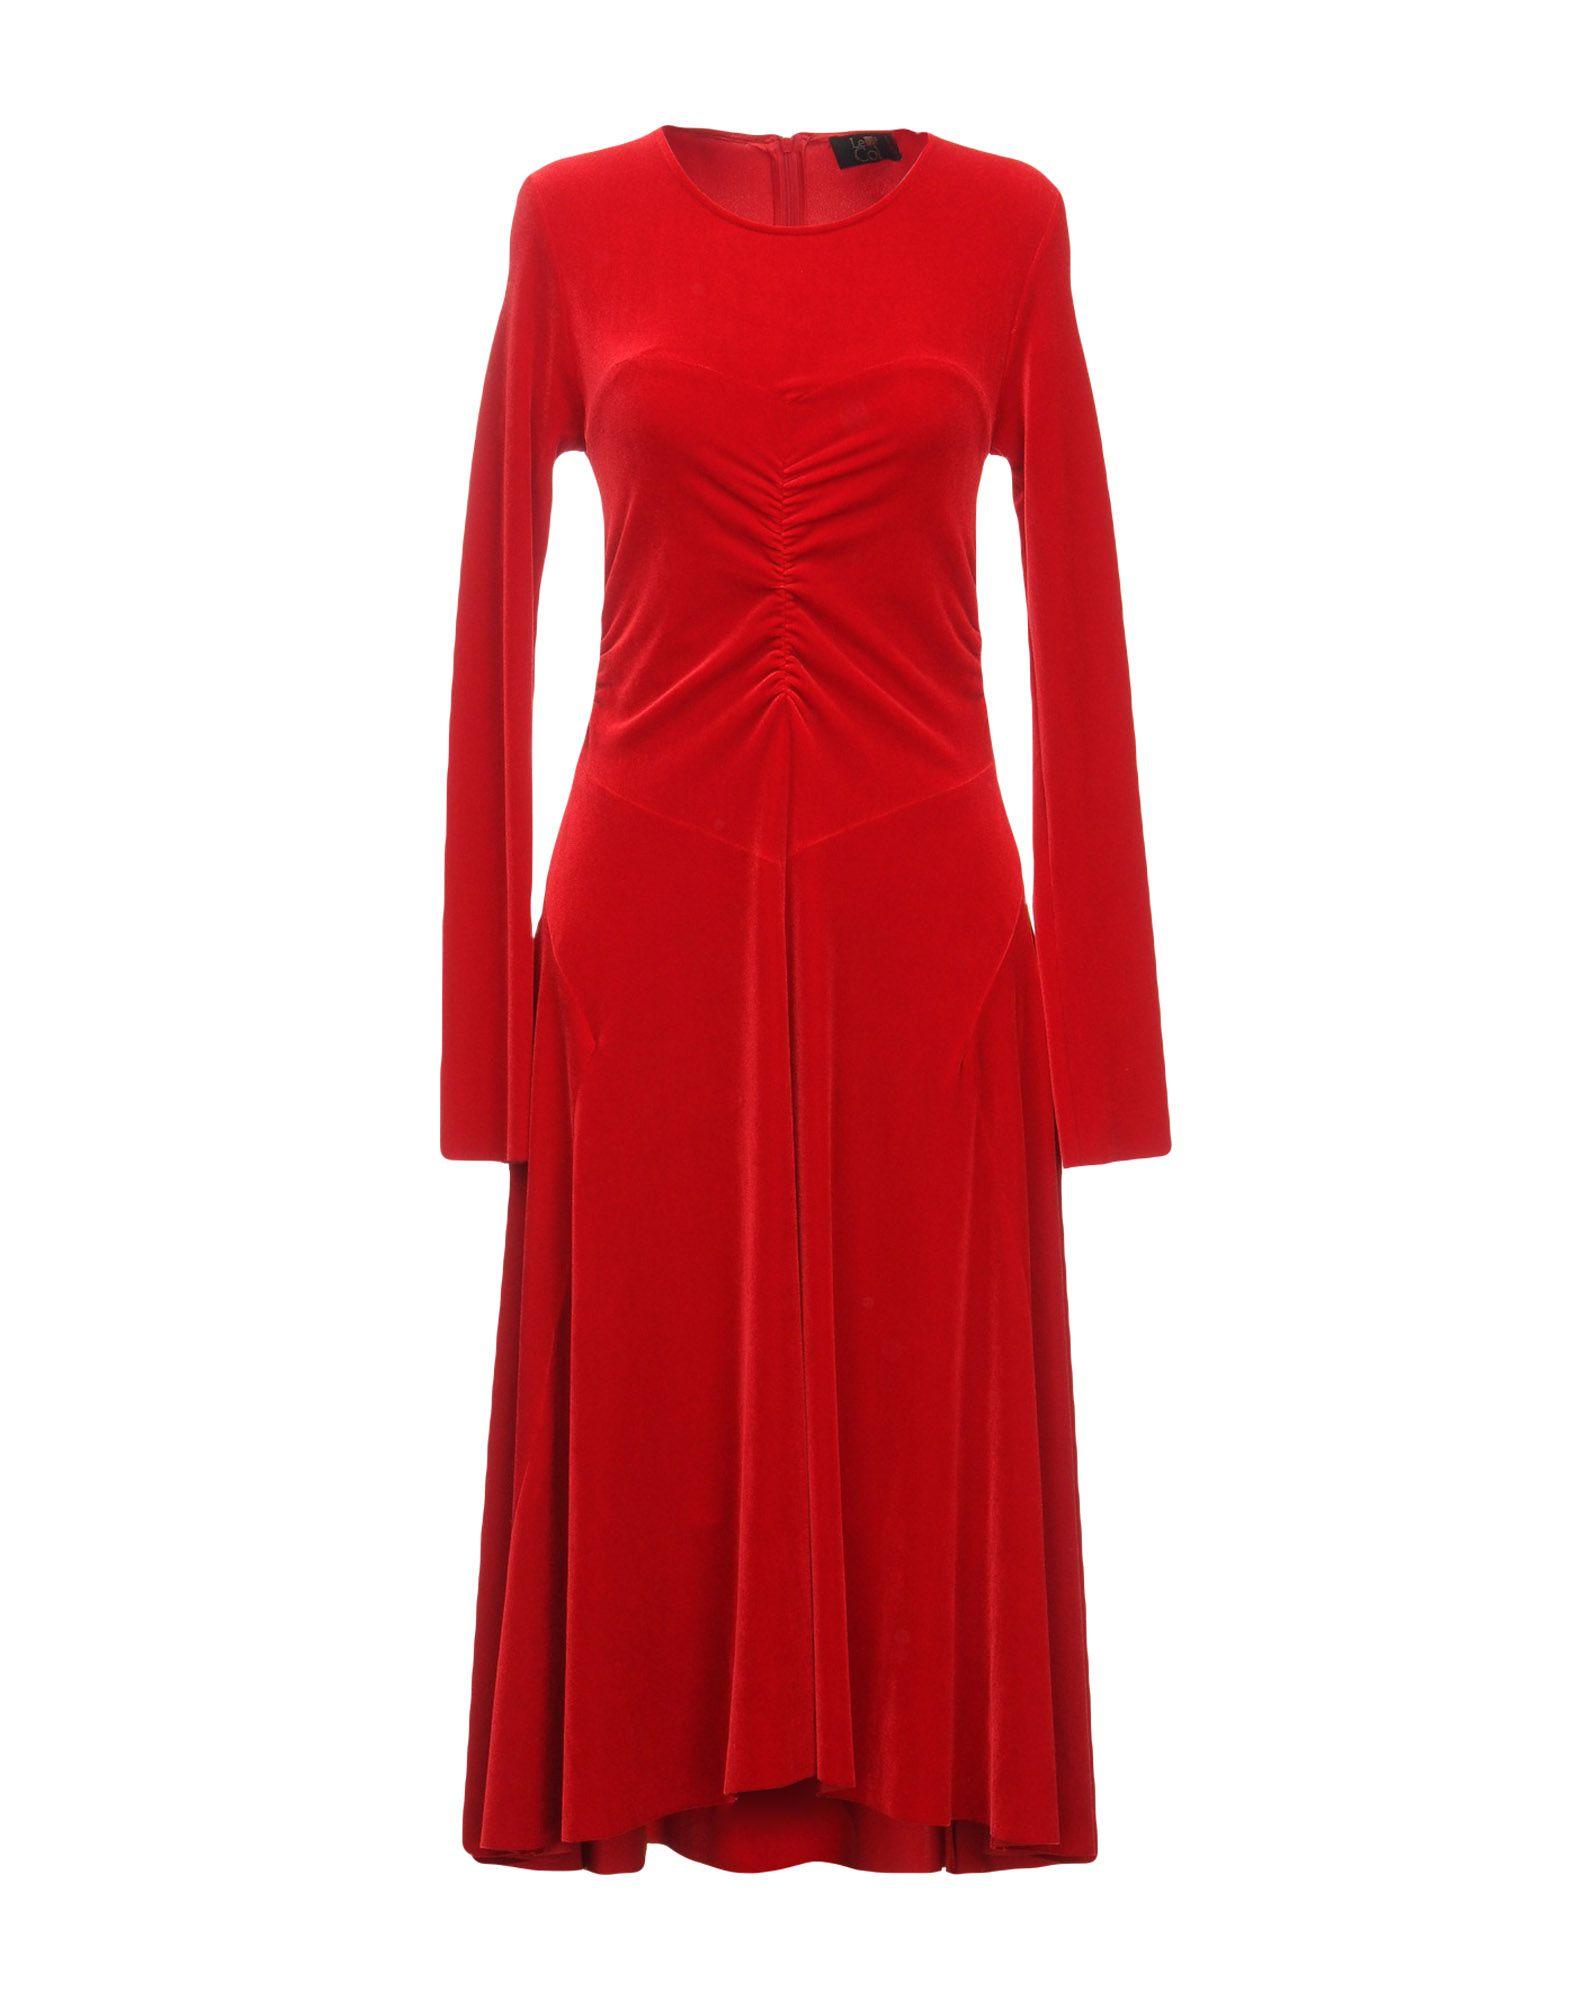 LE COL Midi Dress in Red